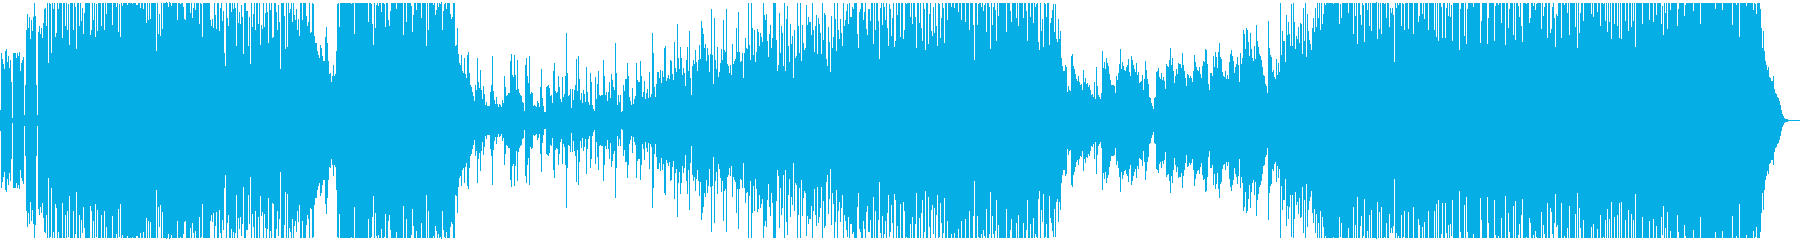 疾走感あふれるピアノロックの再生済みの波形